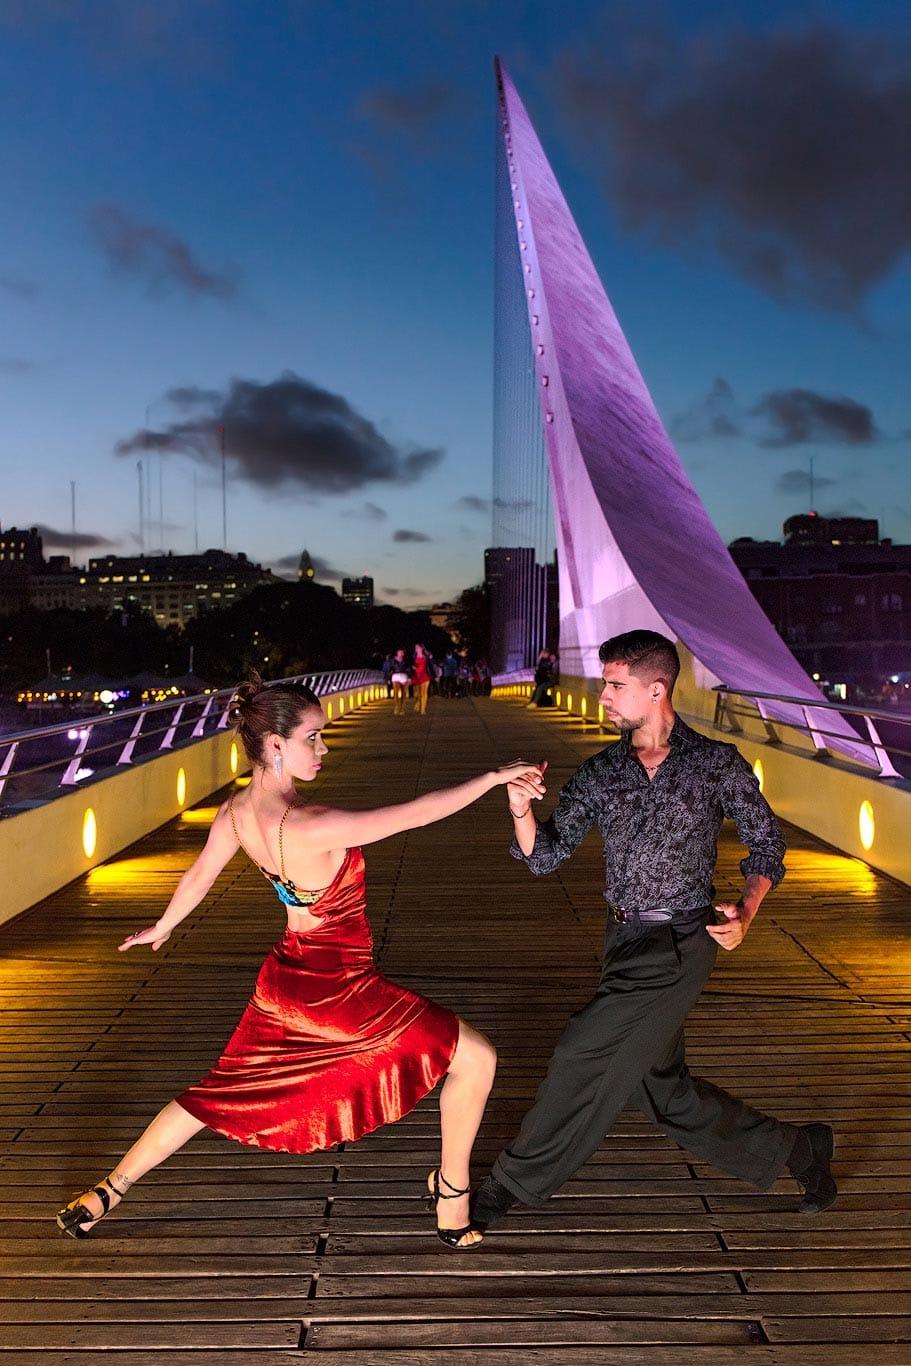 Puente de la Mujer photo shoot, Puerto Madero, Buenos Aires